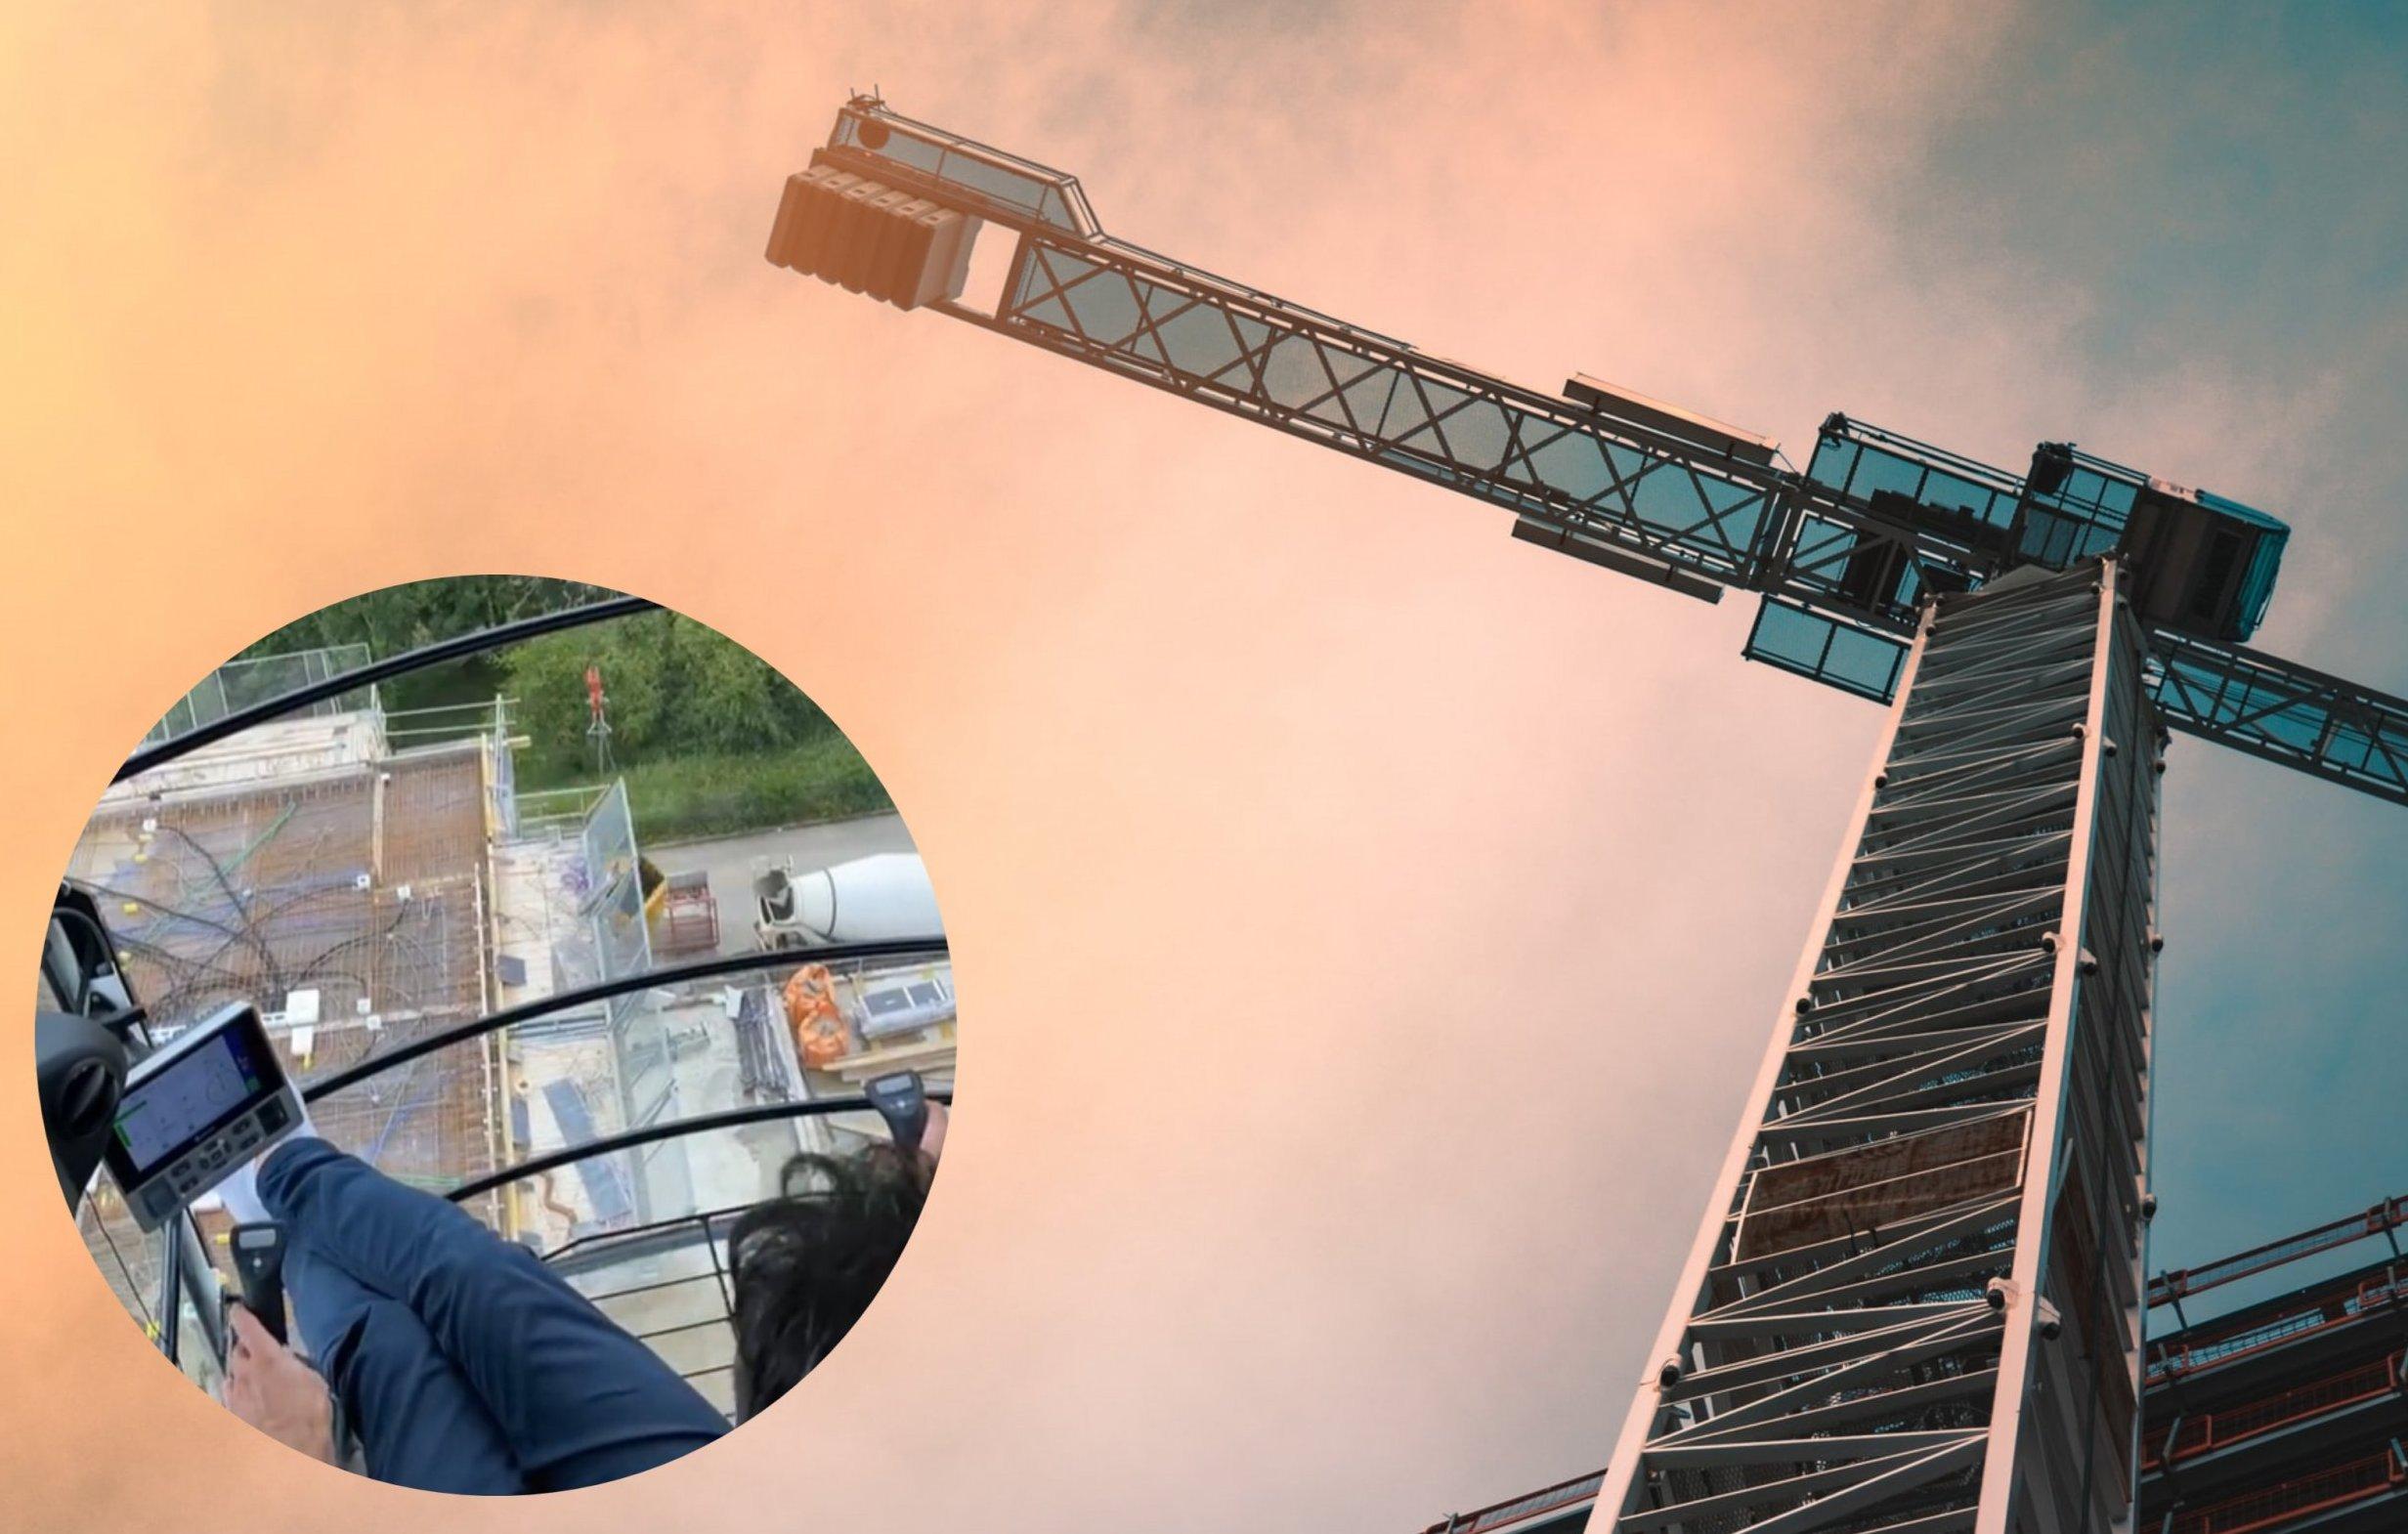 [VIDEO] Zakoračite u dizalicu i saznajte kako izgleda pogled na gradilište iz zraka